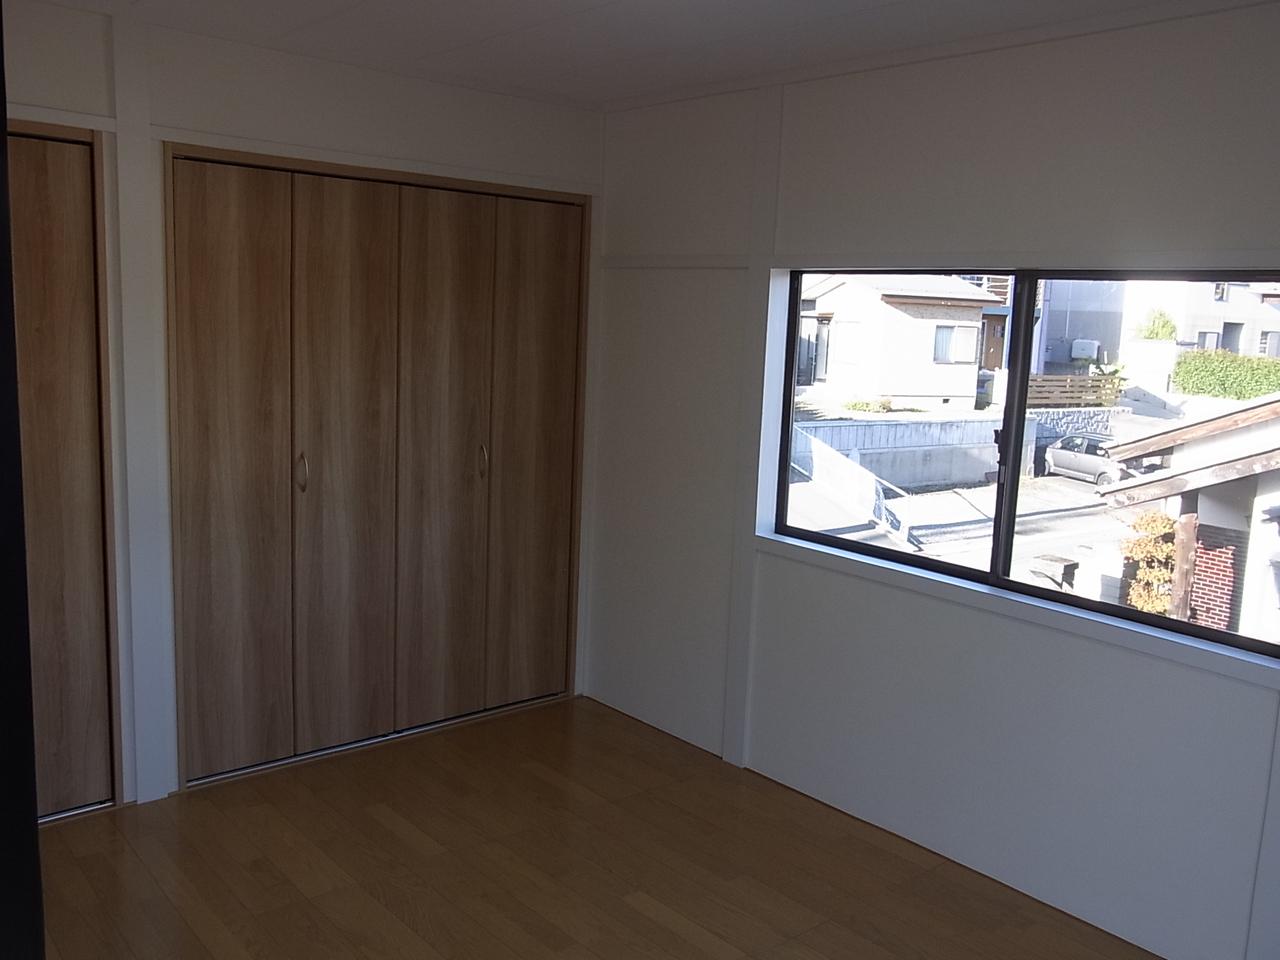 2Fの洋室です。 クローゼットも広く有効に活用できます!